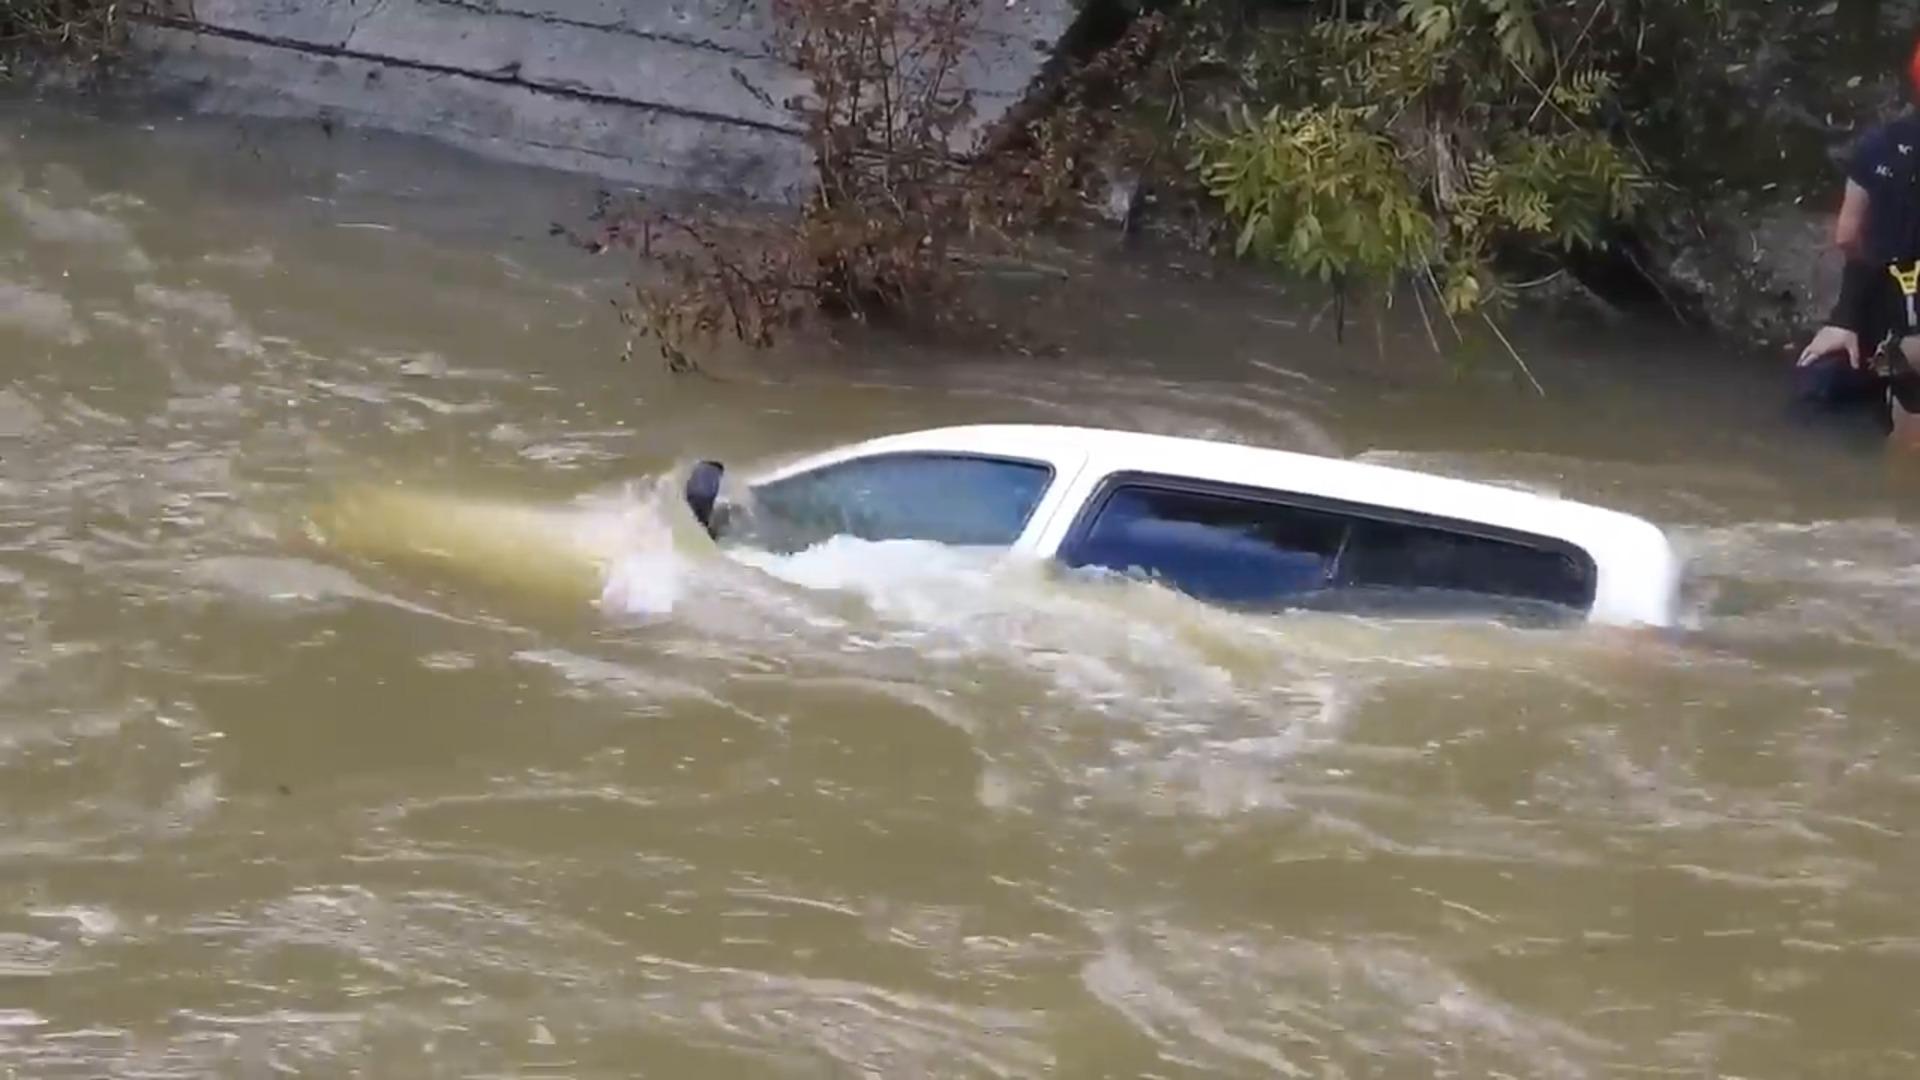 Los bomberos rescatan a un conductor tras caer al río Cadagua con su furgoneta